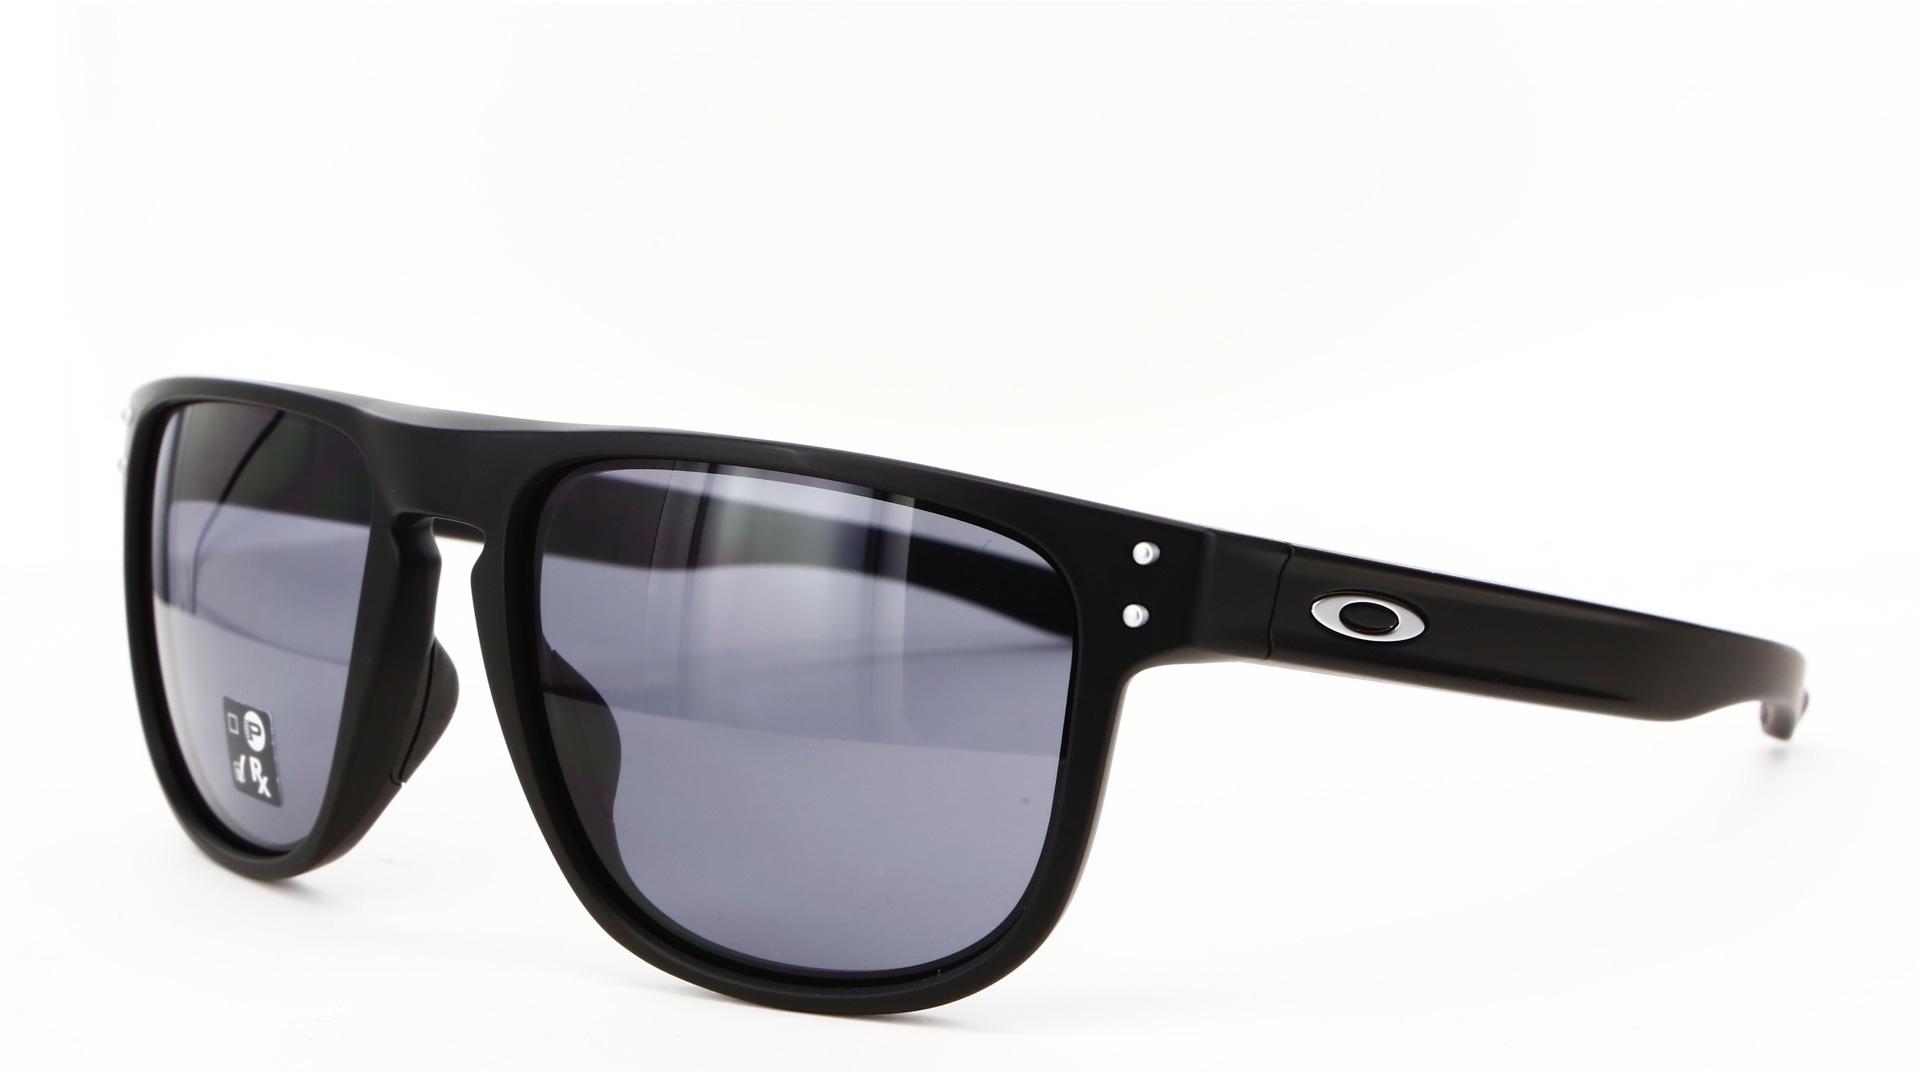 Oakley - ref: 79374